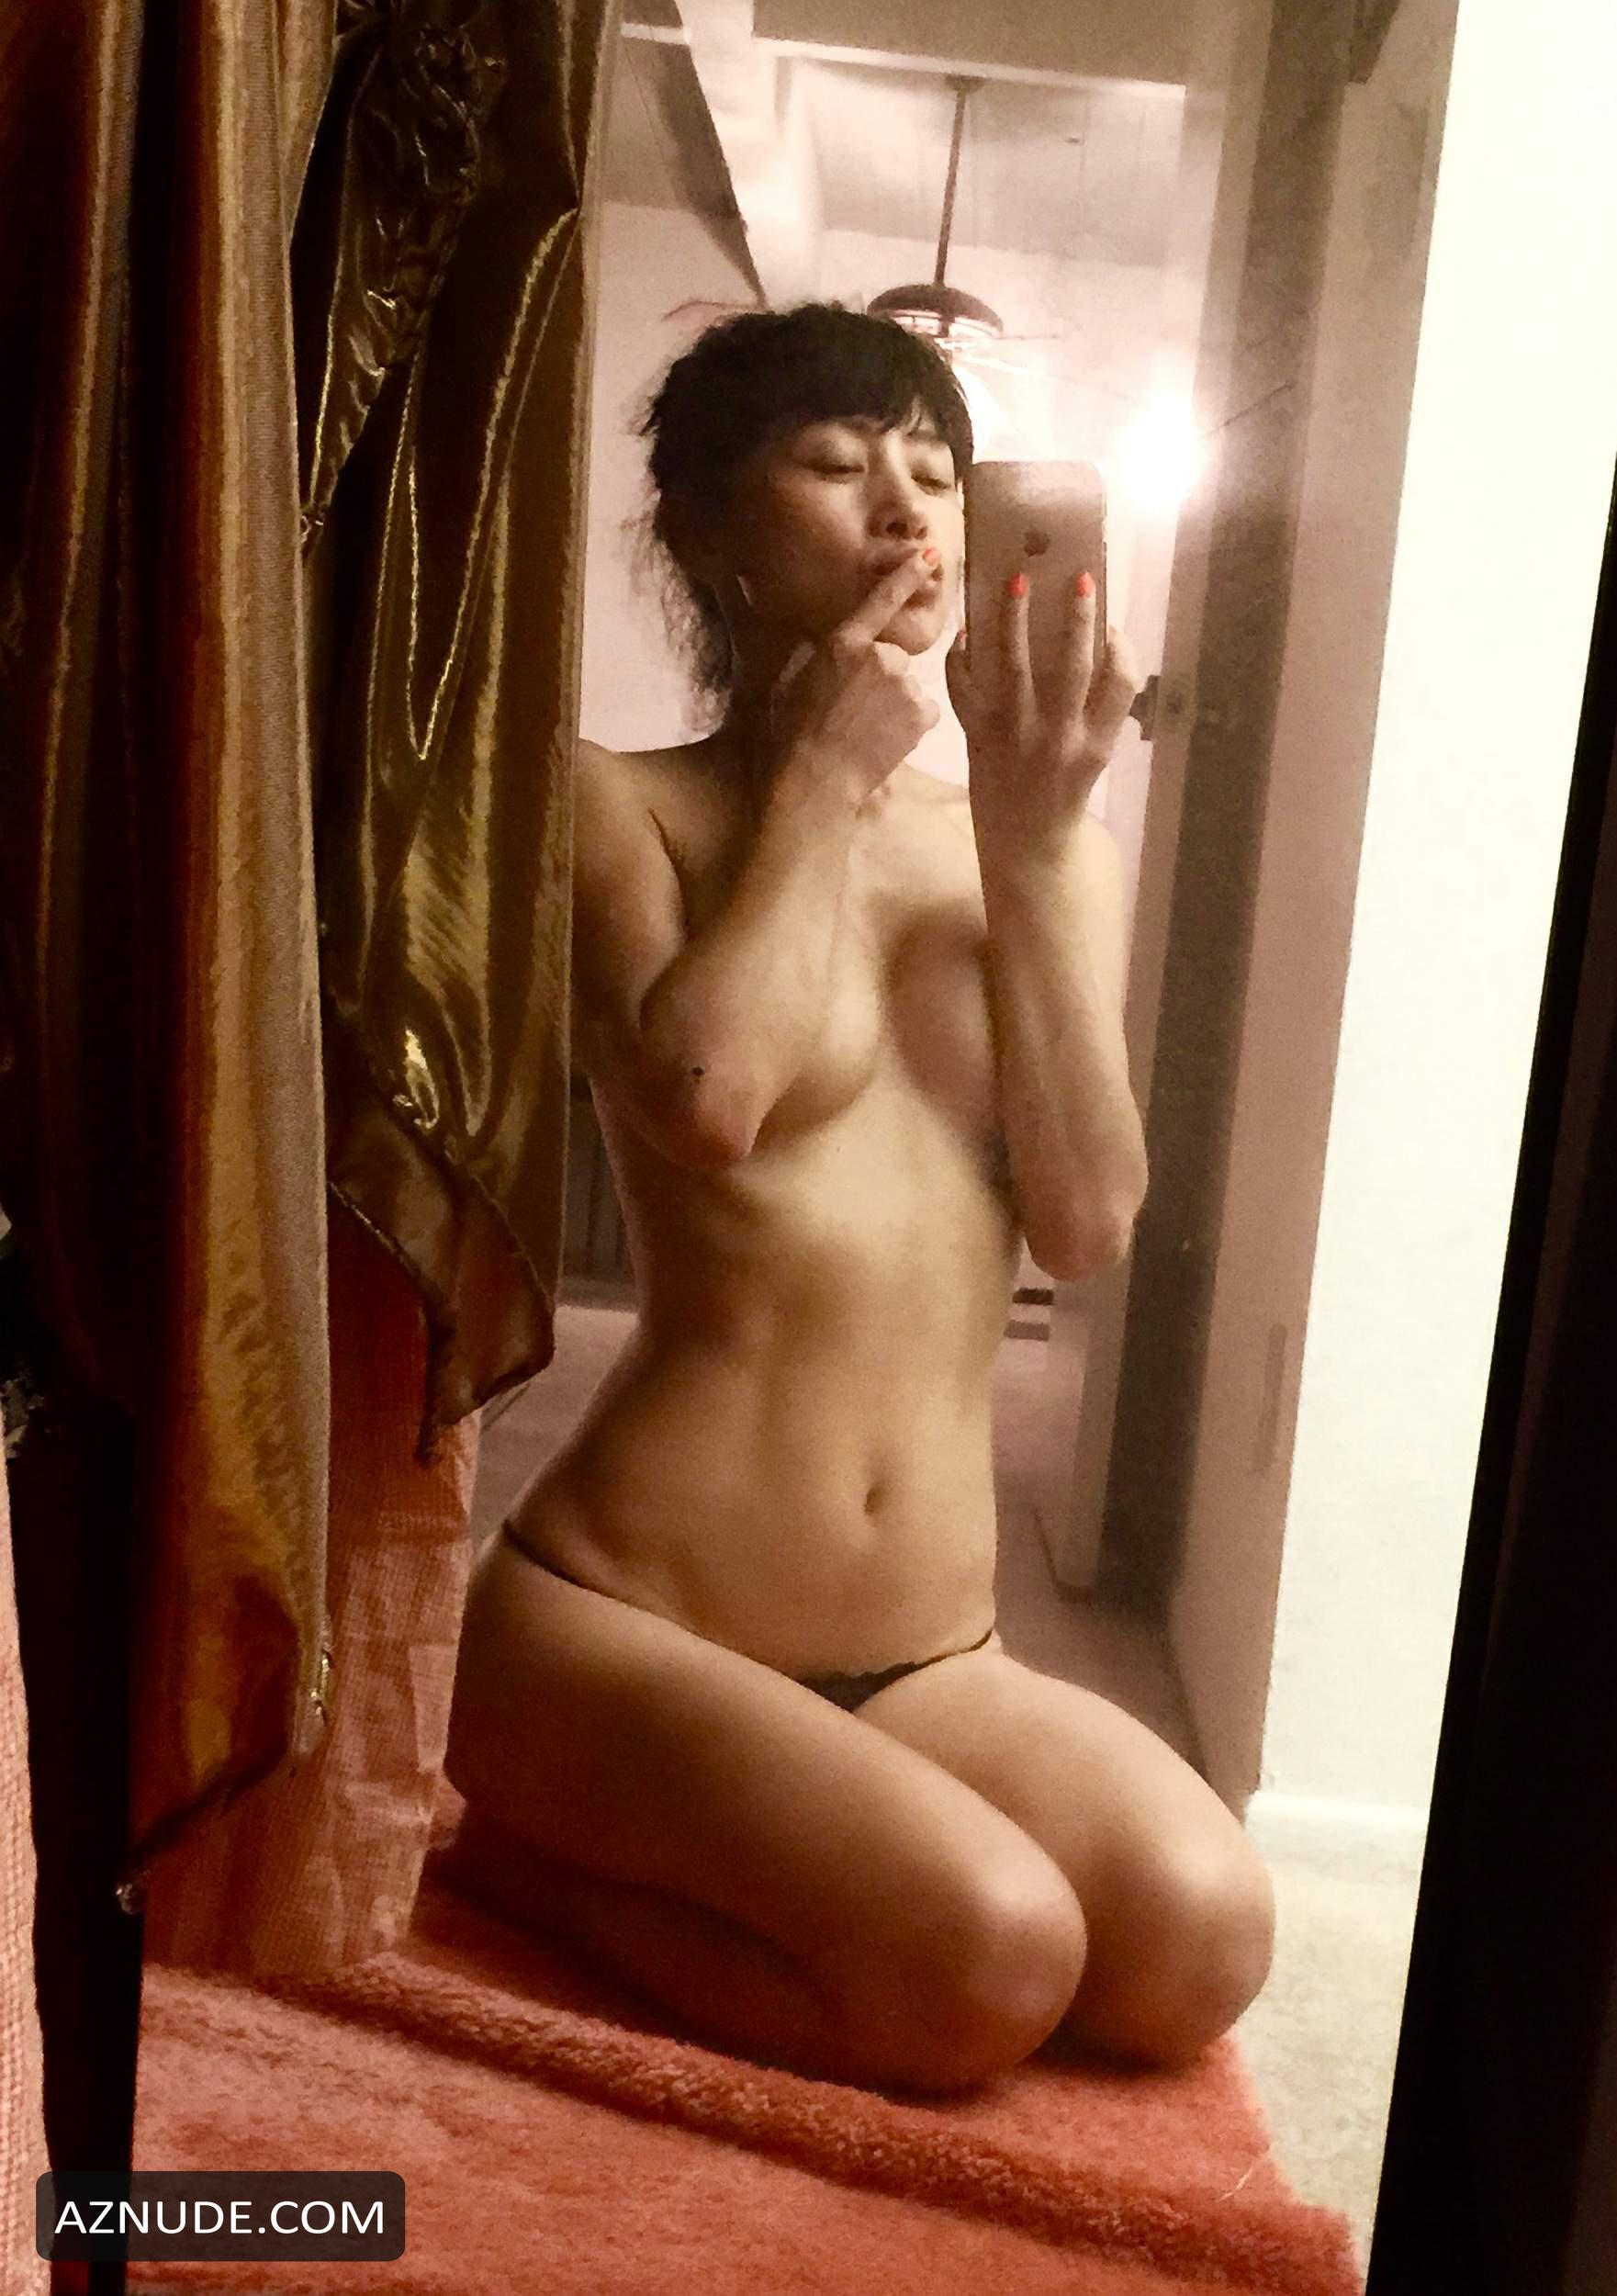 Bai ling nude having sex